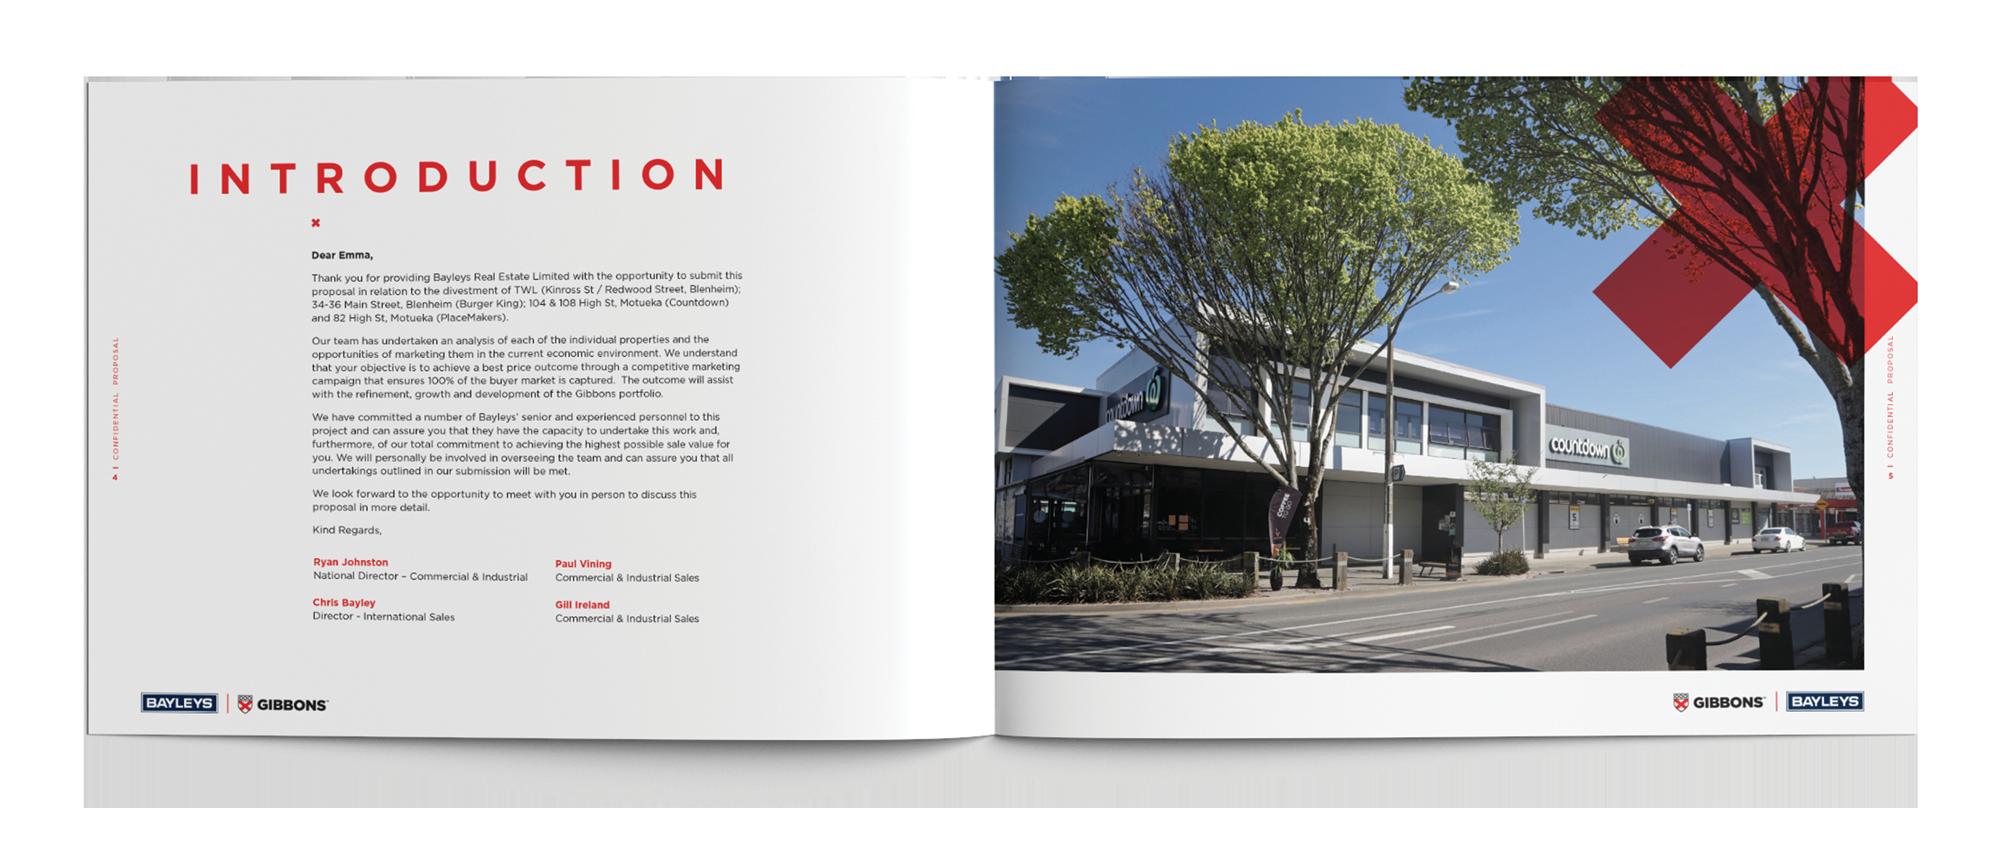 Gibbons-Landscape-Brochure-1-WEB.png